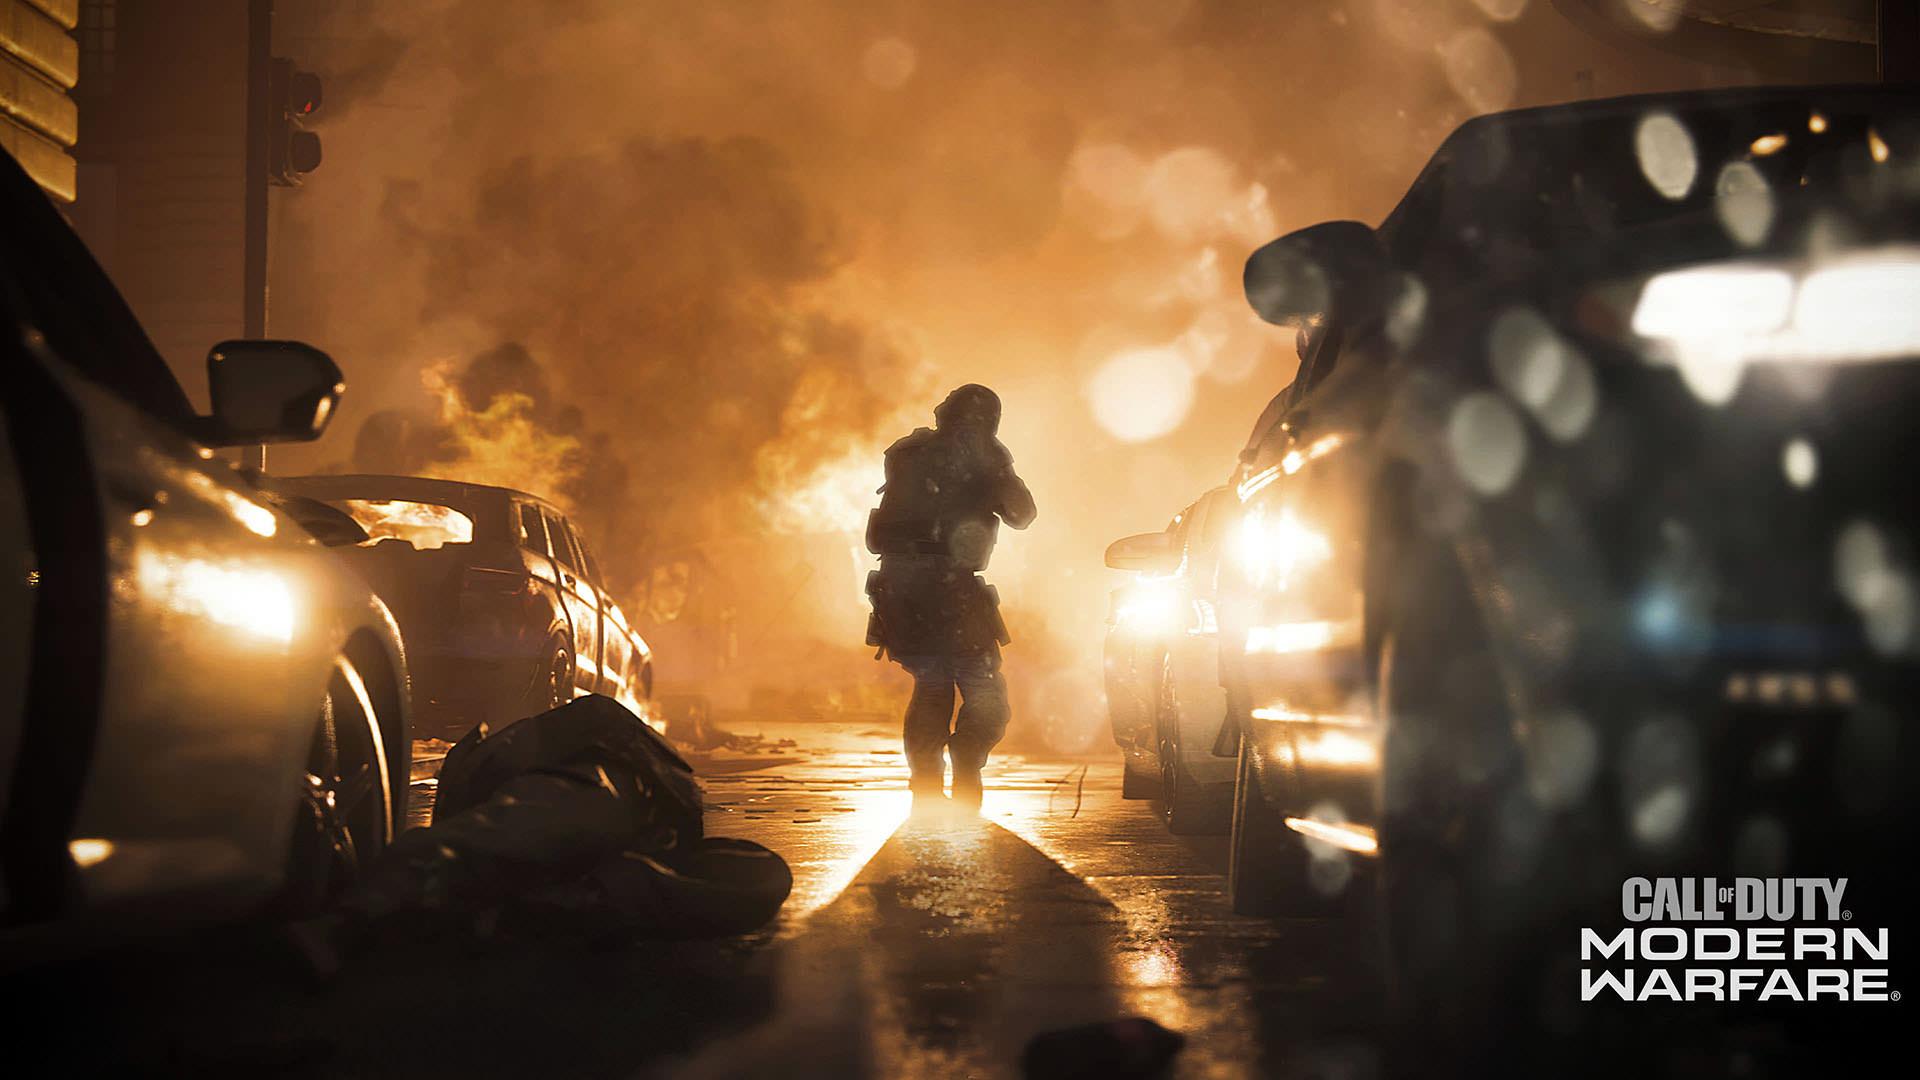 موتوری جدید برای ارائه گرافیک بهتربازی کال اف دیوتی مدرن وار فار - Call of Duty: Modern Warfare